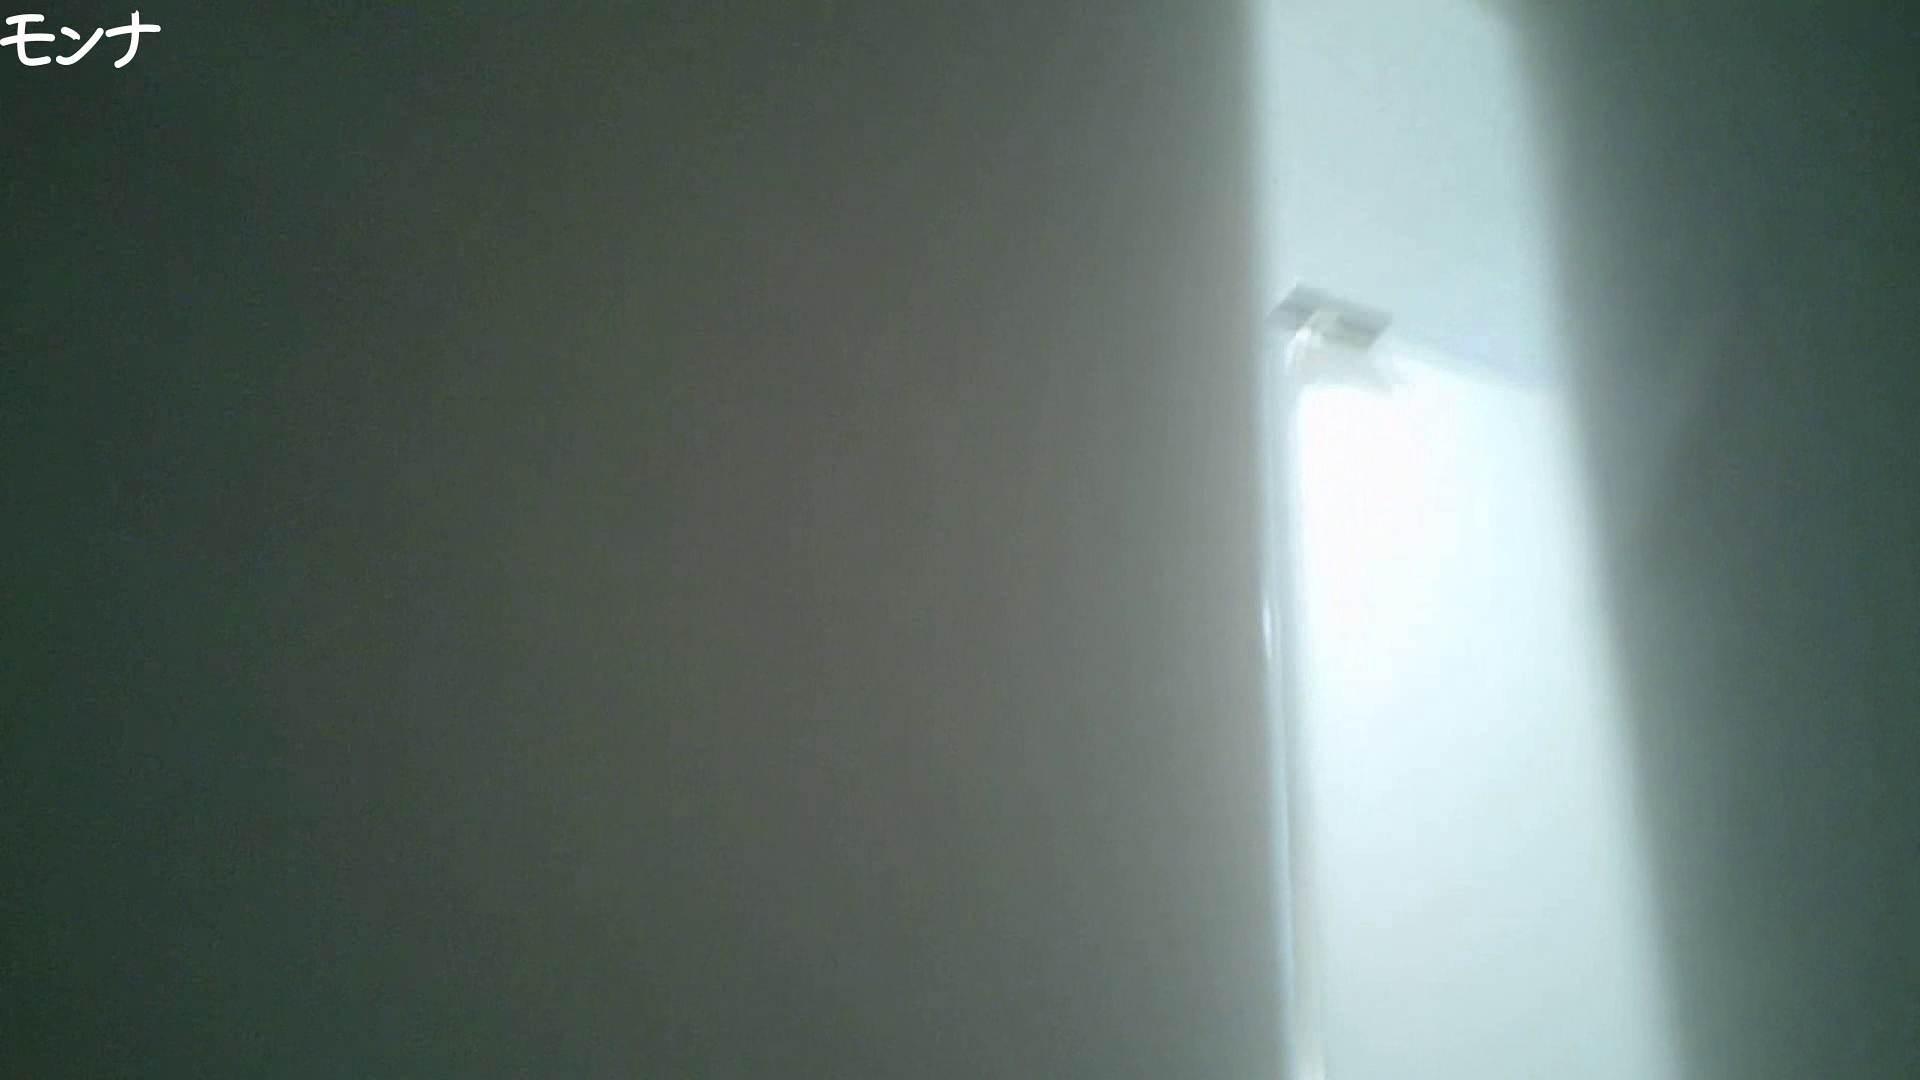 有名大学女性洗面所 vol.65 秘技!!マルチアングル天井撮り!! 和式・女子用 オマンコ無修正動画無料 15画像 7